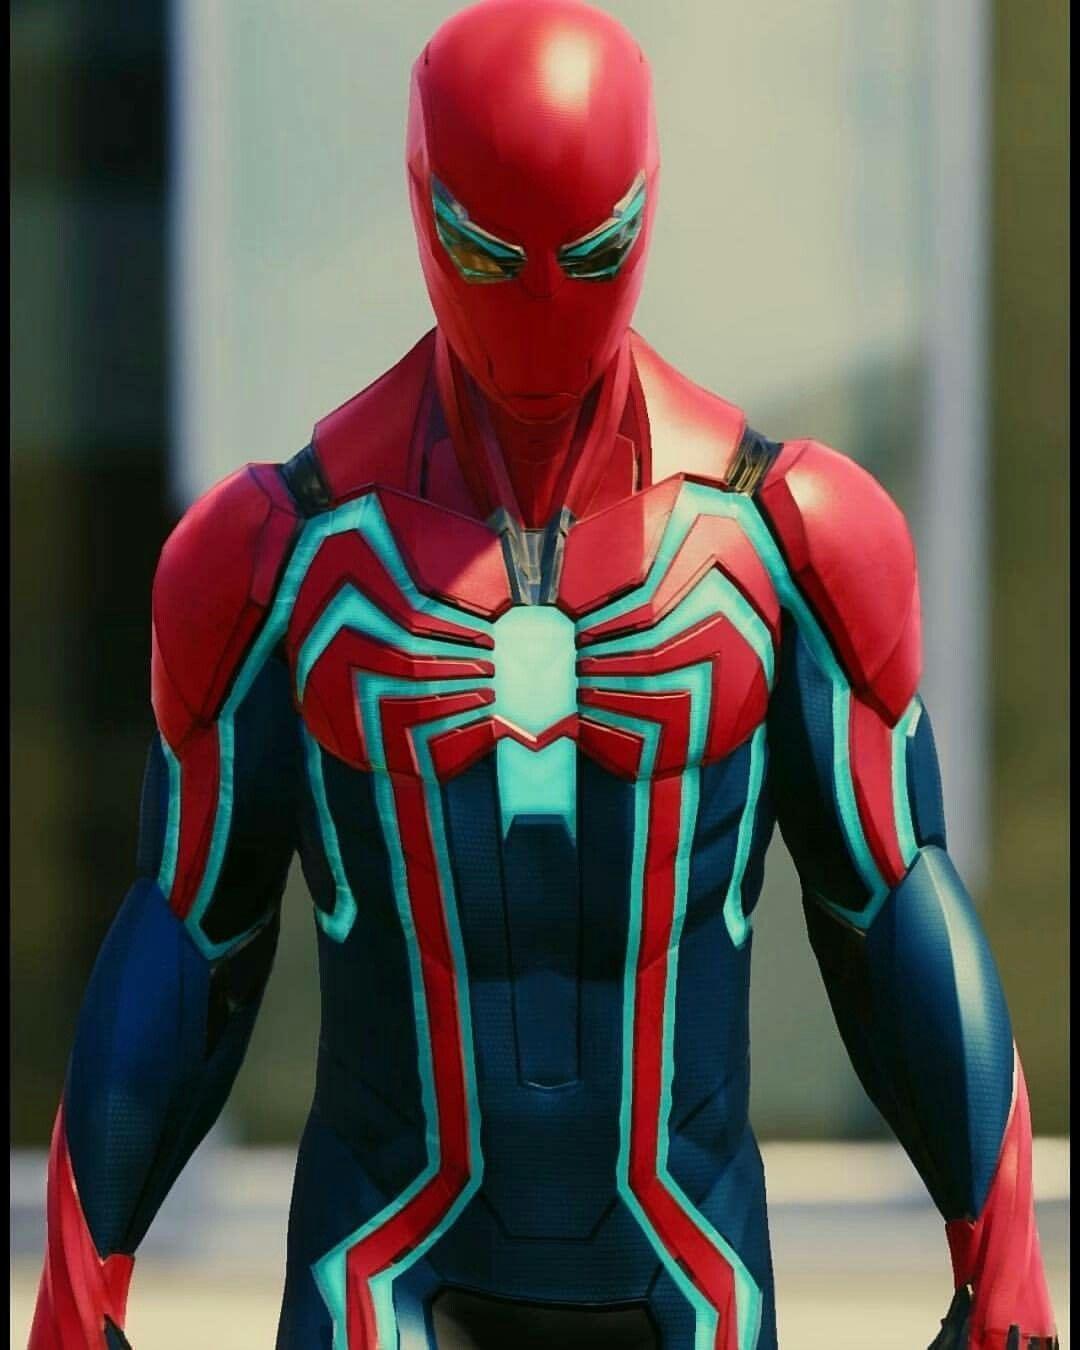 Spiderman Costume Amannagarji Amannagar Artist Spiderman